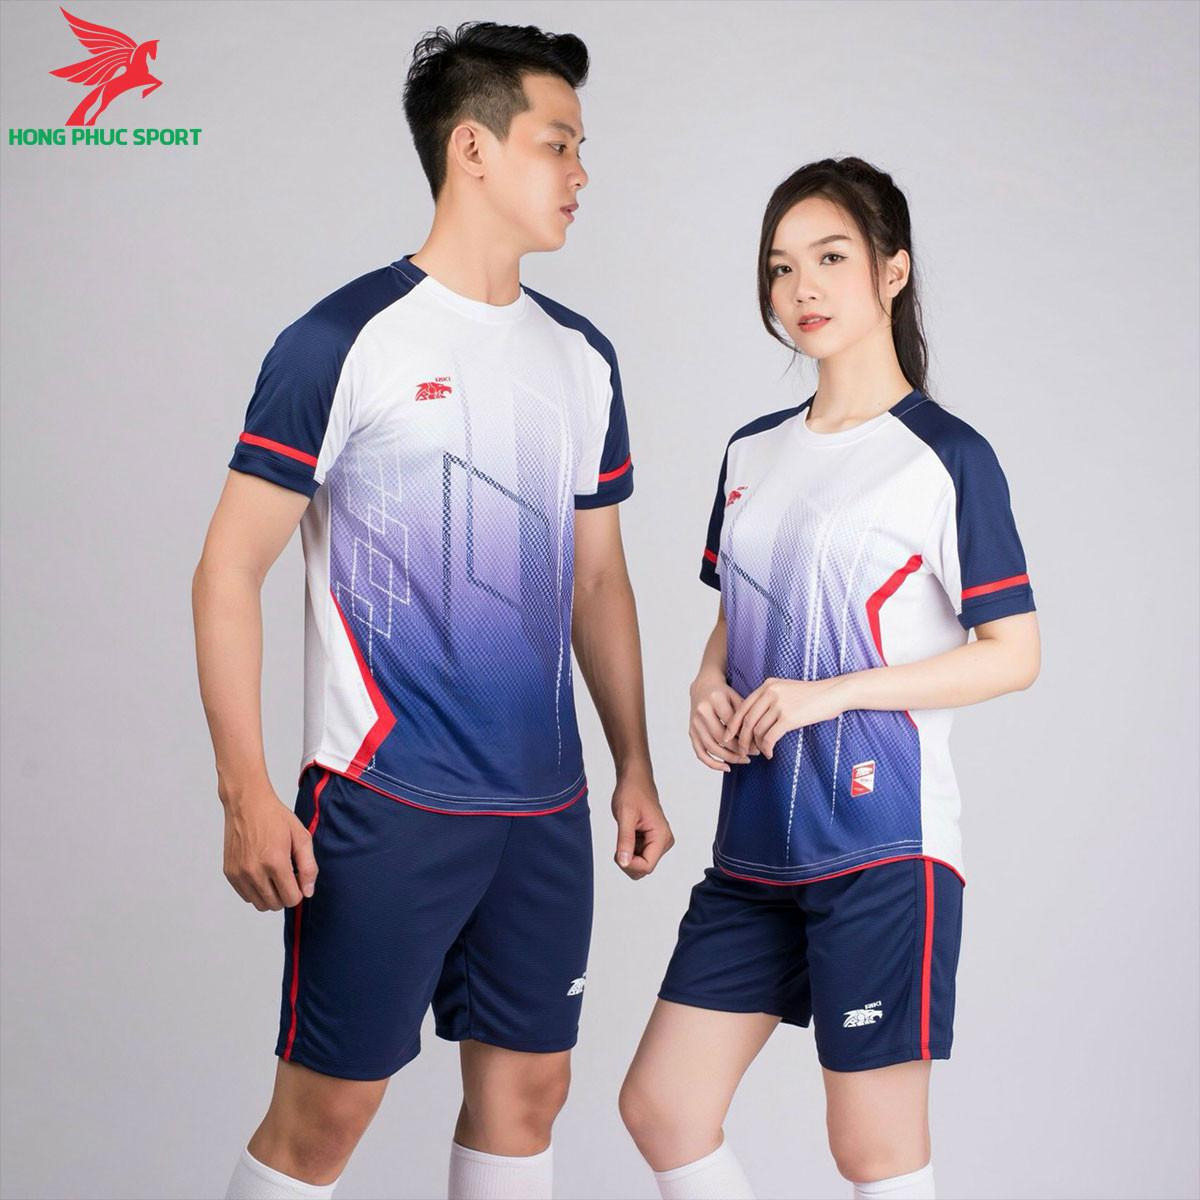 áo bóng đá không logo Riki Airmaxx Xanh đen